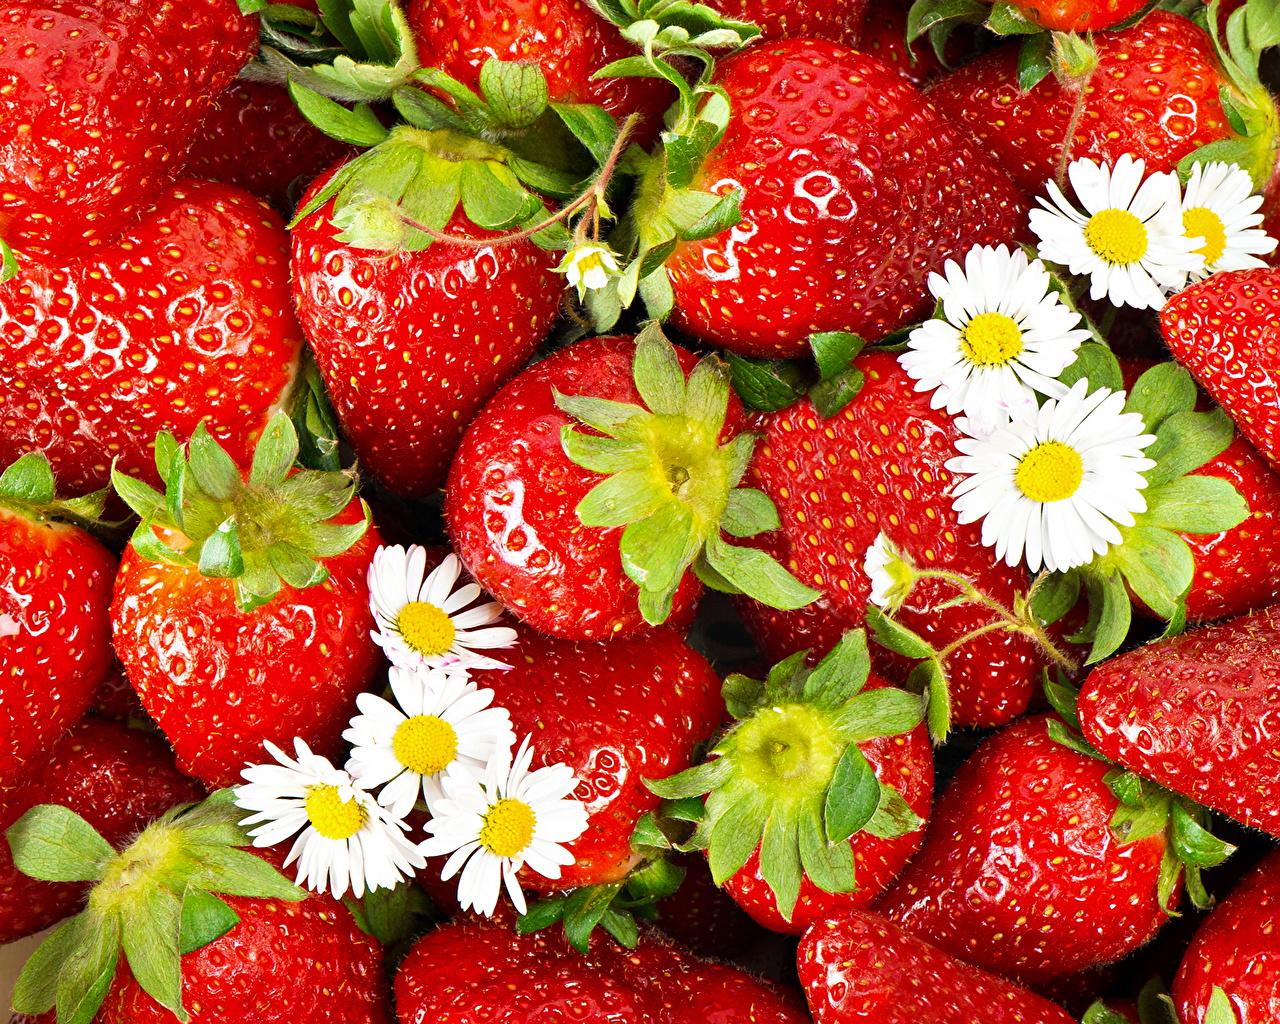 Картинки красных Клубника Еда Фрукты Много красная красные Красный Пища Продукты питания